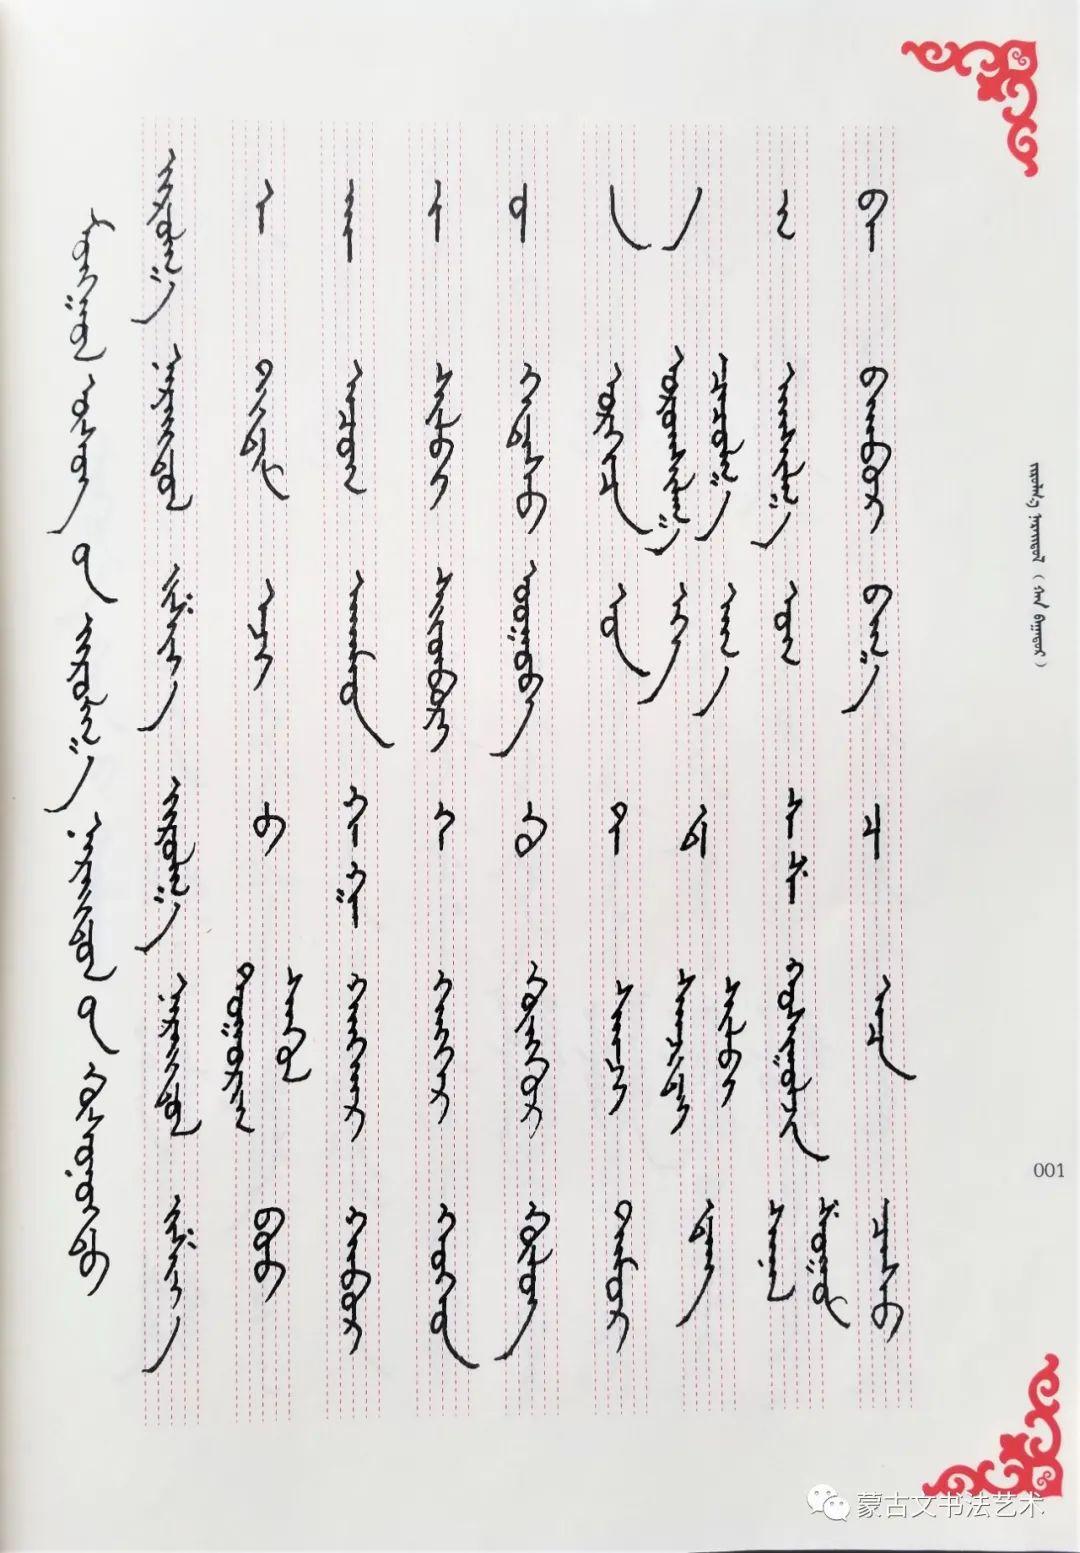 奈曼旗蒙古族实验小学十人《蒙古文钢笔规范字》 第11张 奈曼旗蒙古族实验小学十人《蒙古文钢笔规范字》 蒙古书法